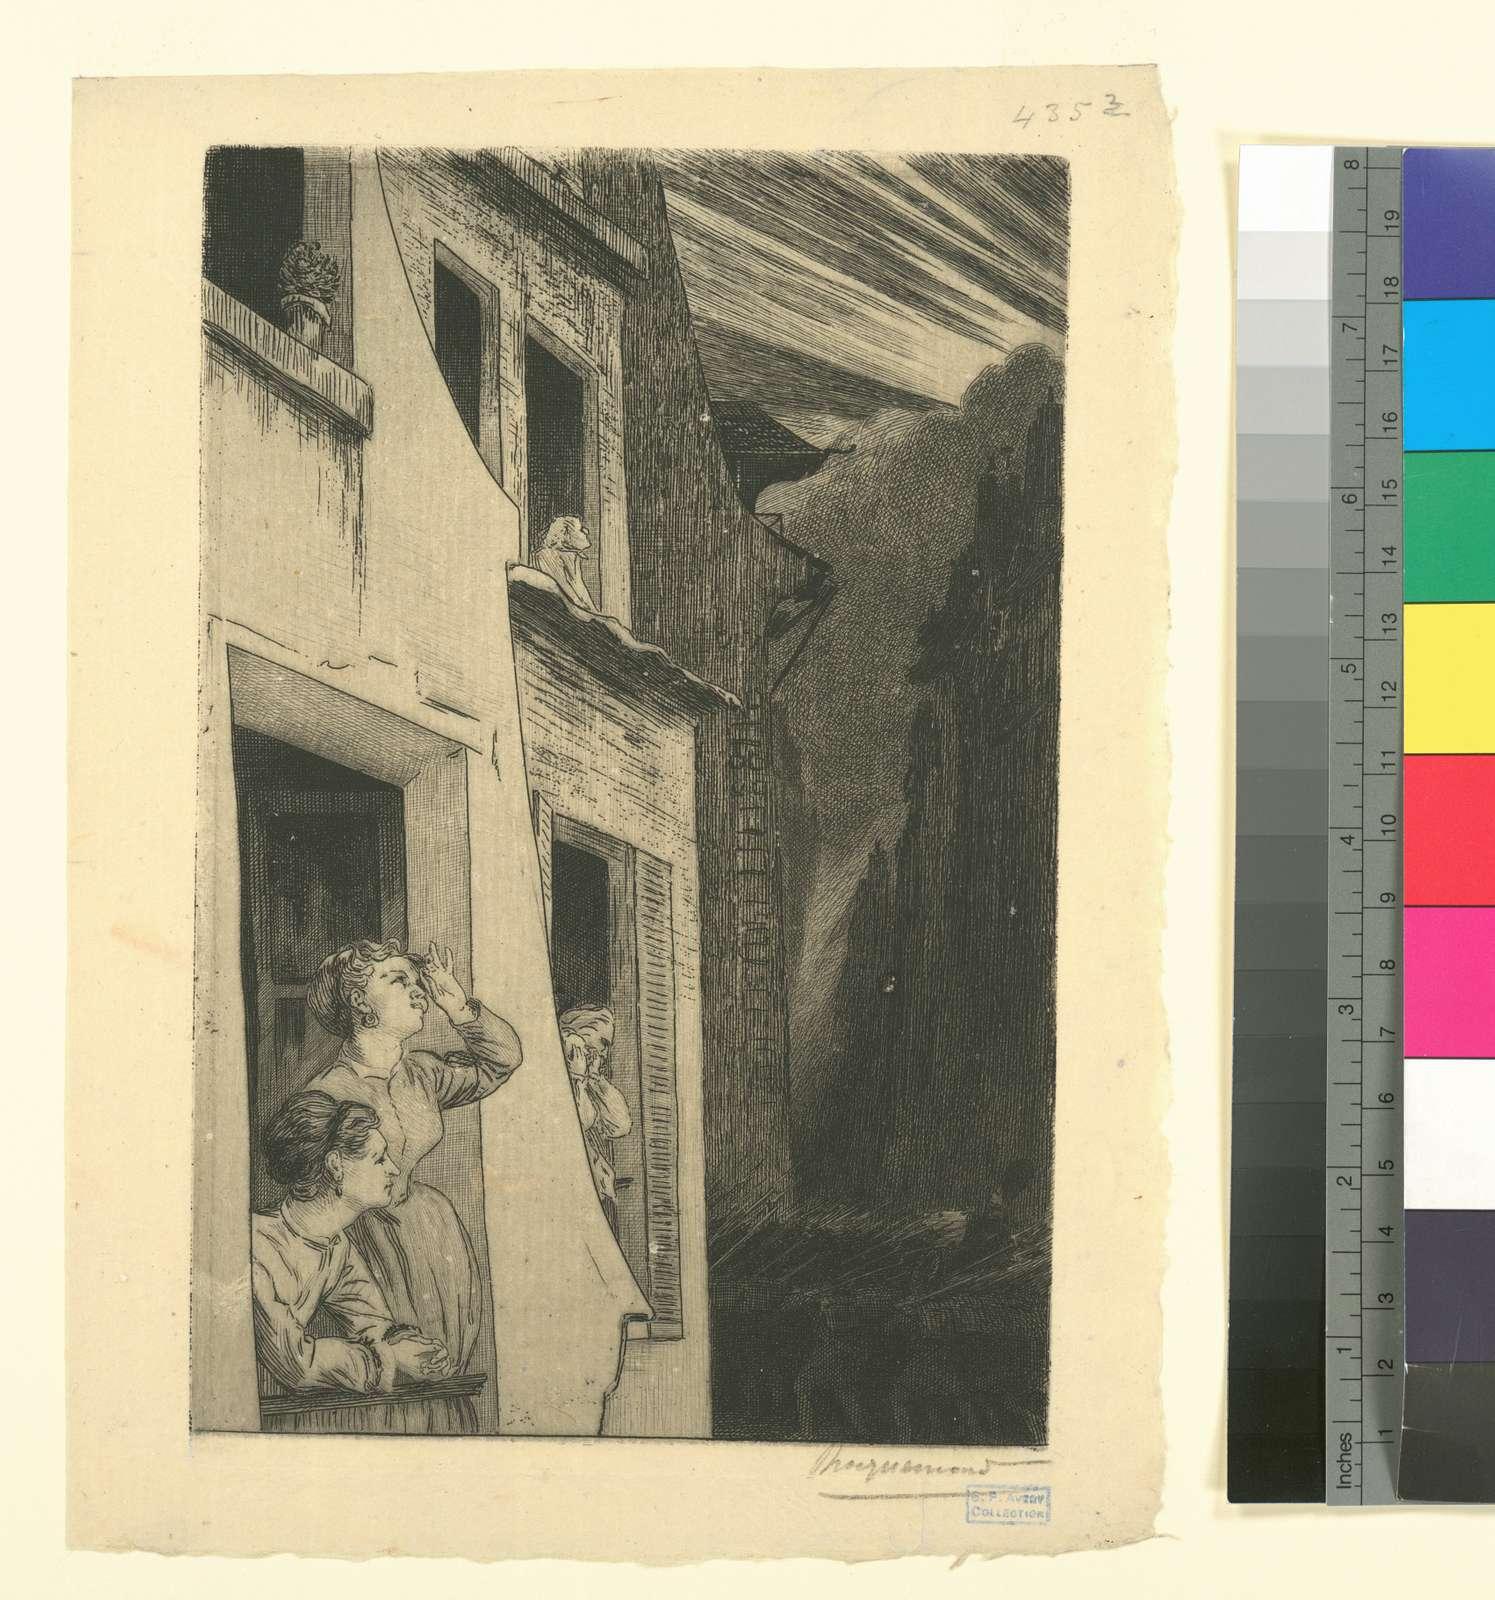 Vignette pour L'éclipse, sonnet d'Auguste Vacquerie.